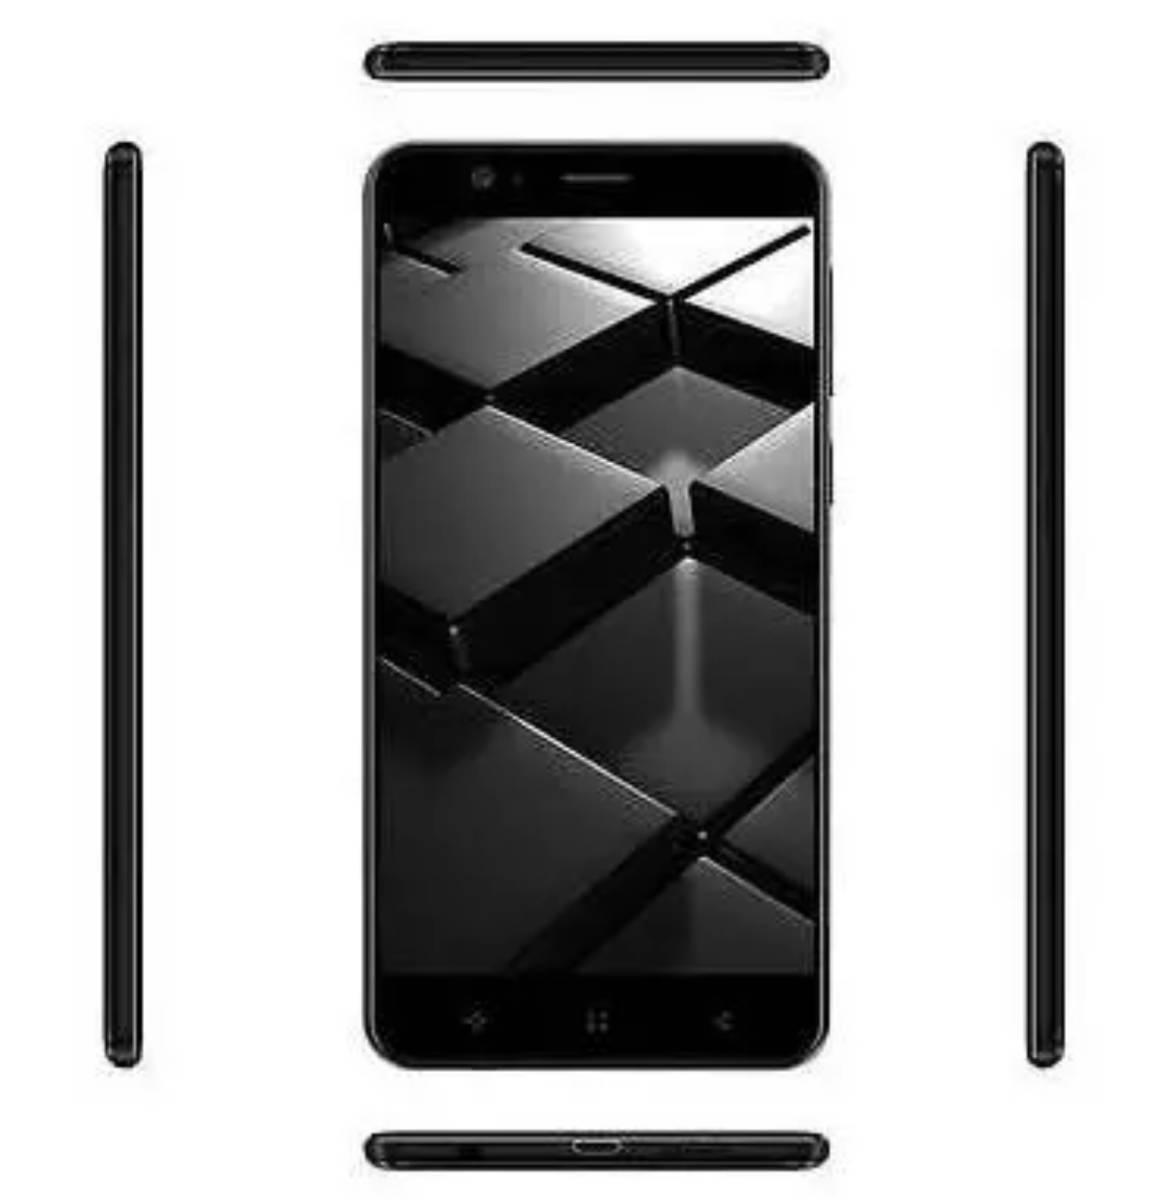 【新品未使用品】お買い得SIMフリースマートフォン ElePhone P8 mini 64GB_画像2